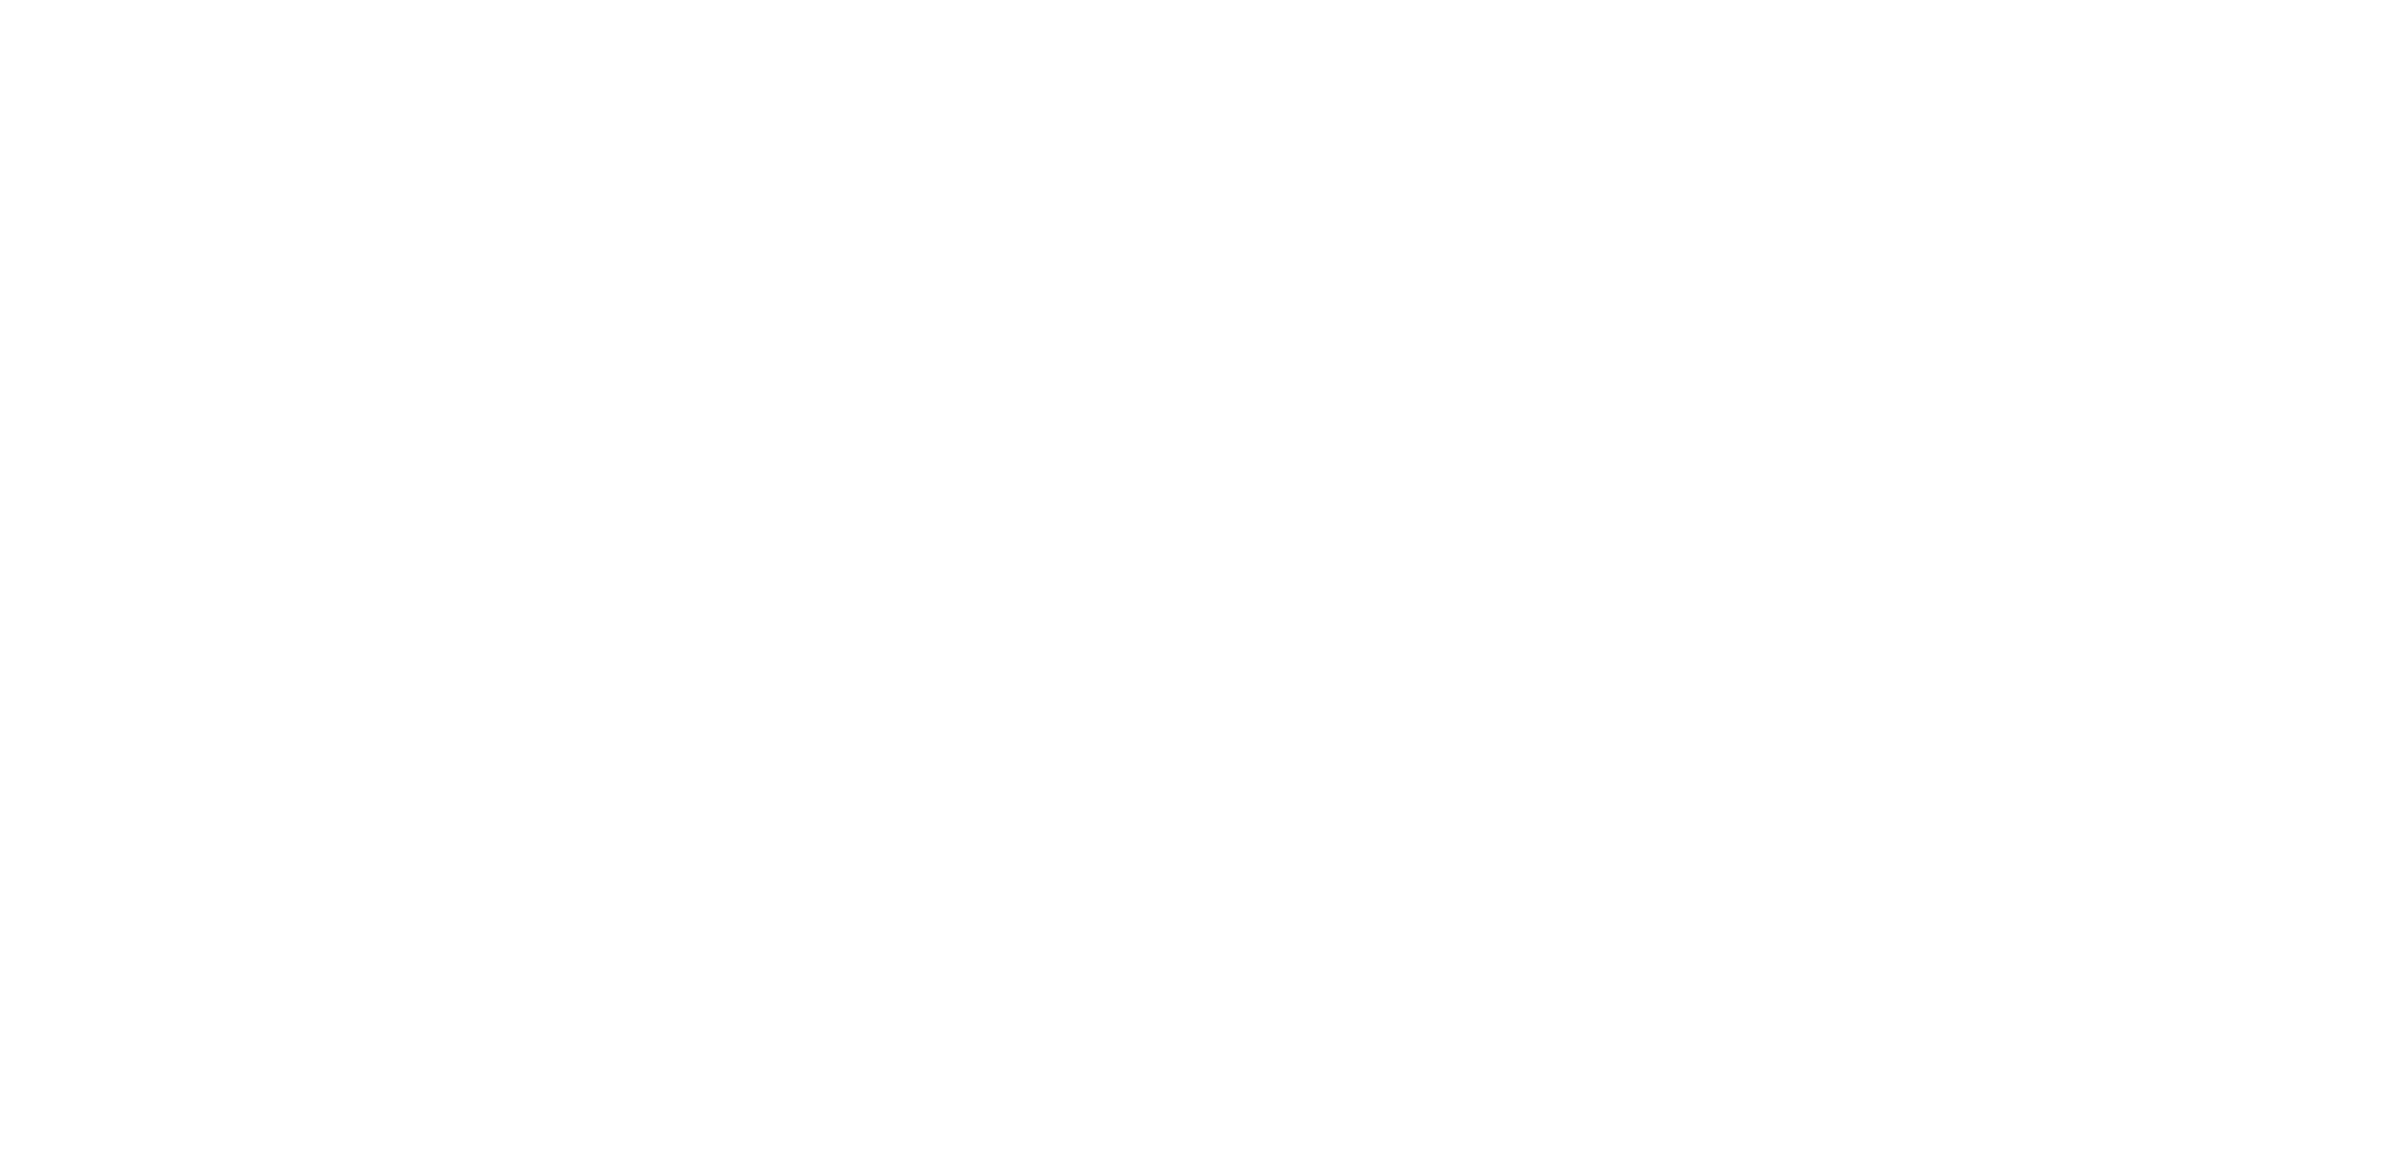 Kalman logo